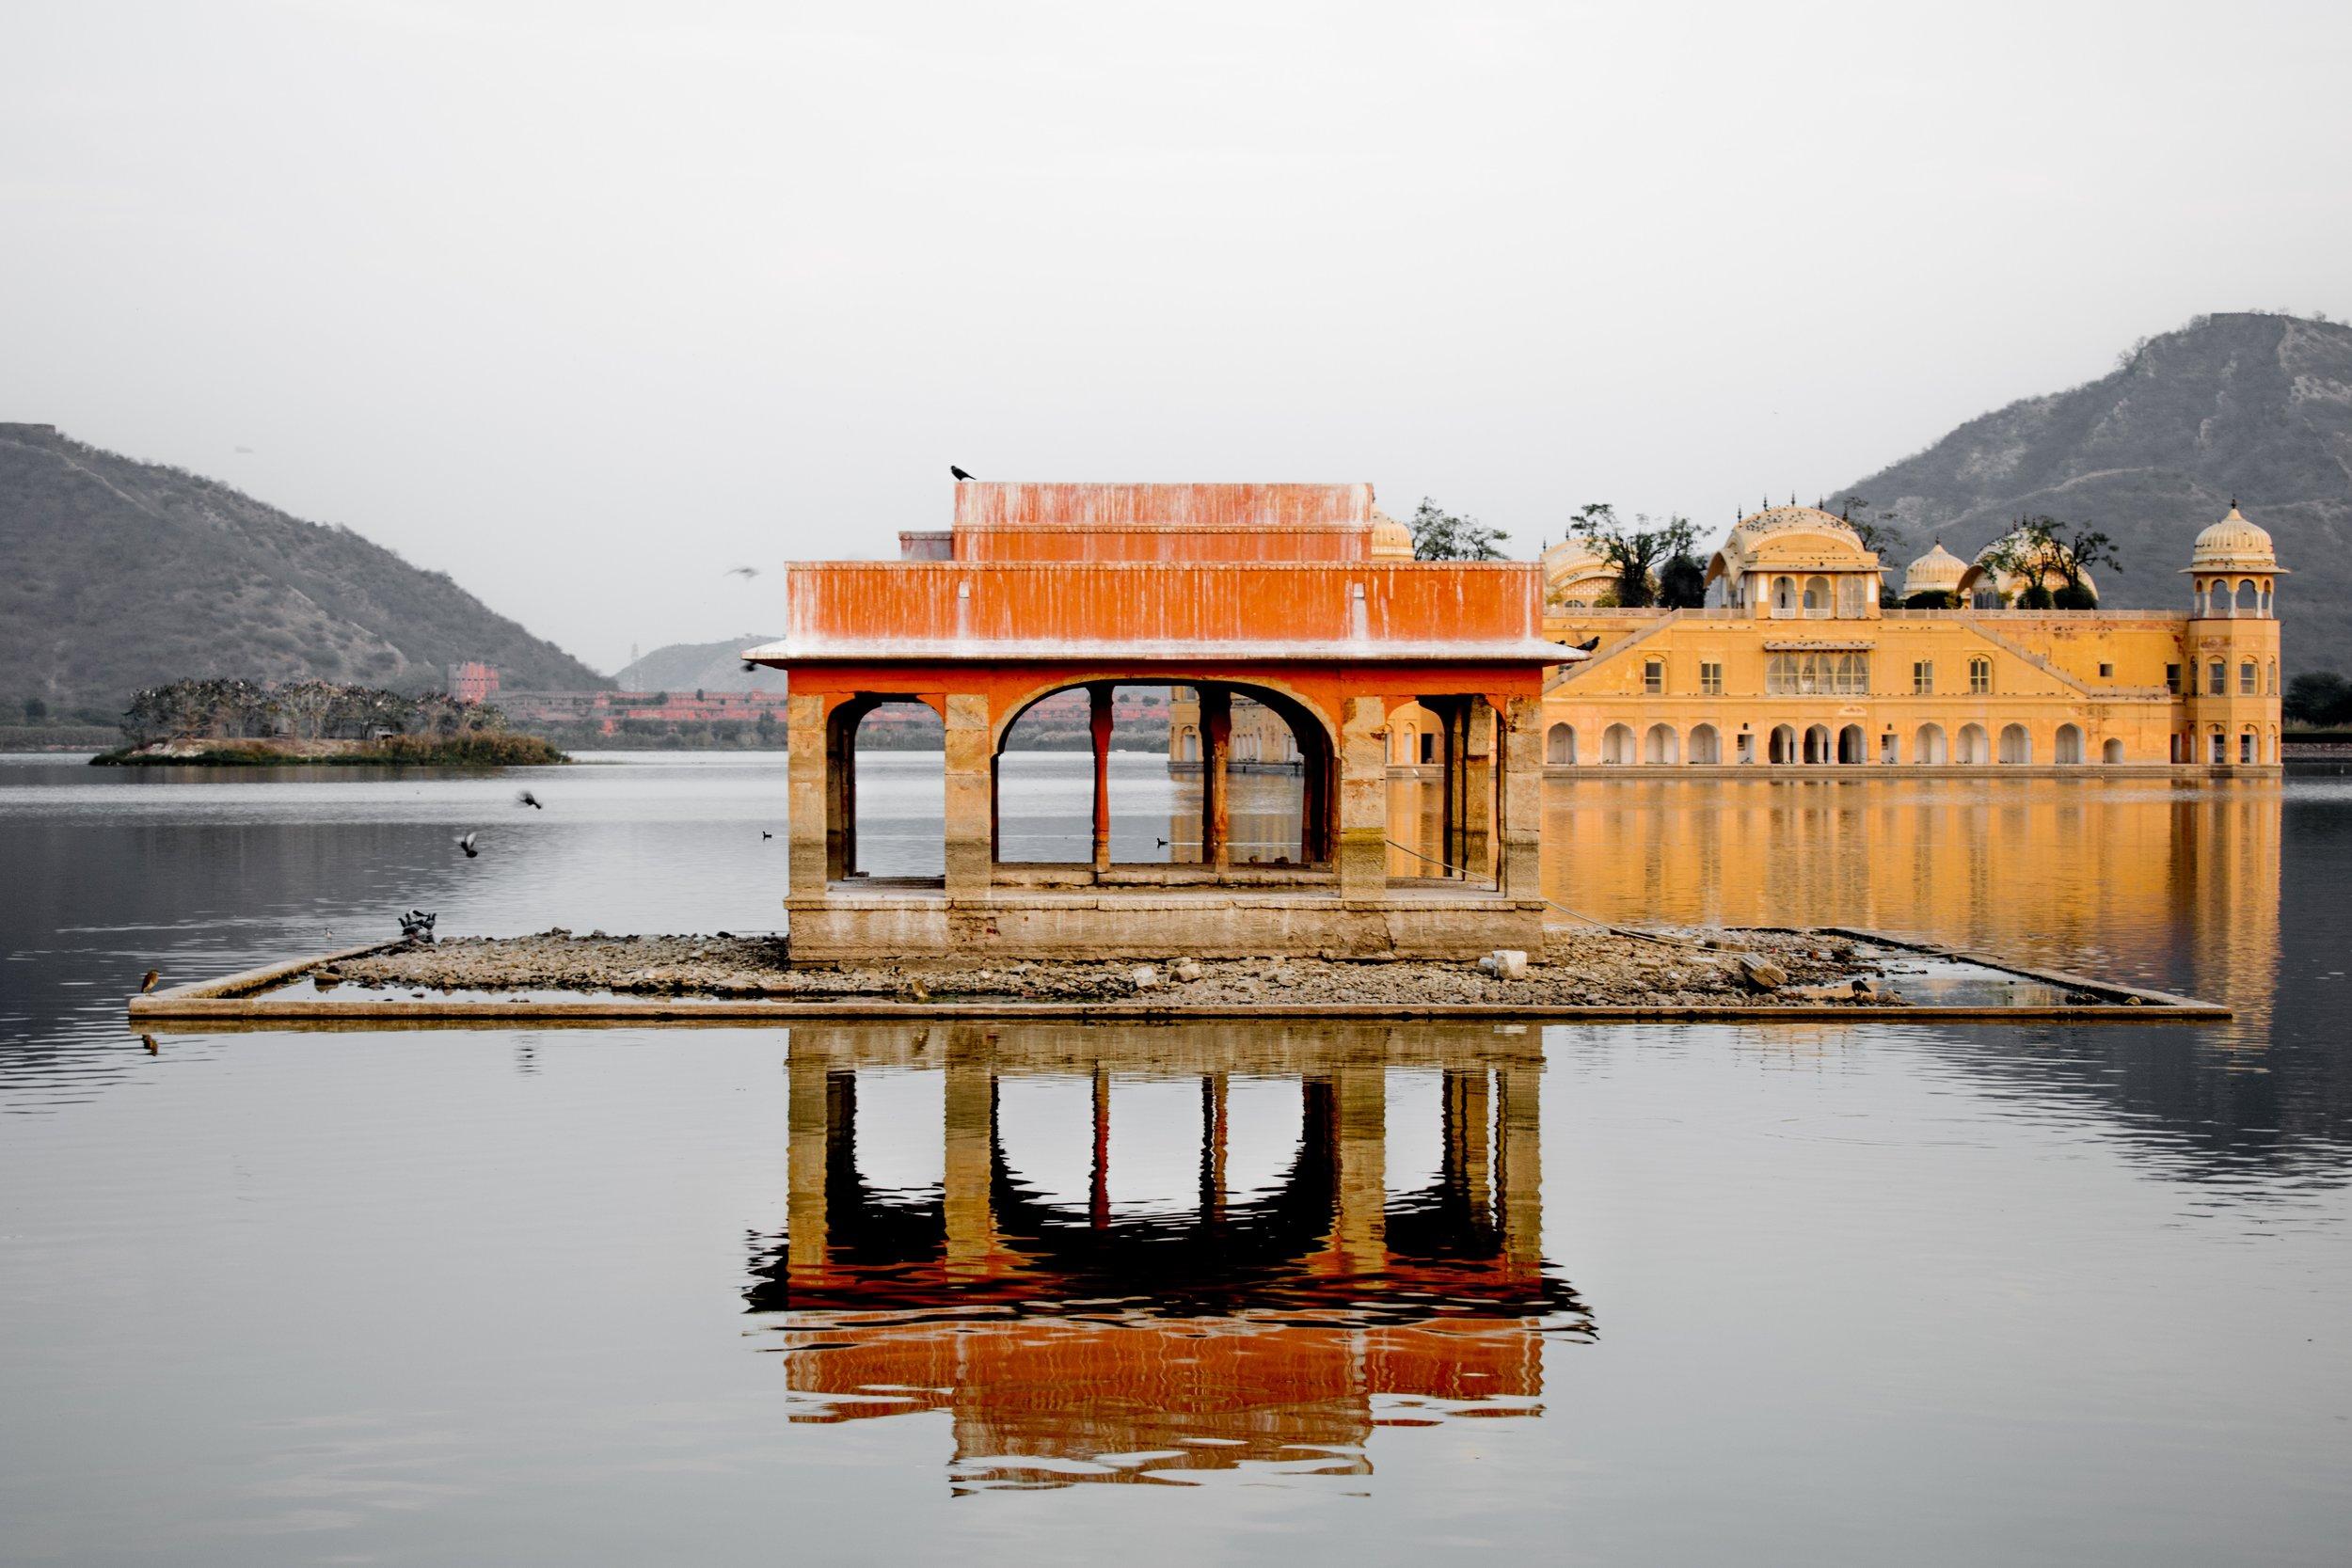 bhushan-sadani-229493-unsplash.jpg